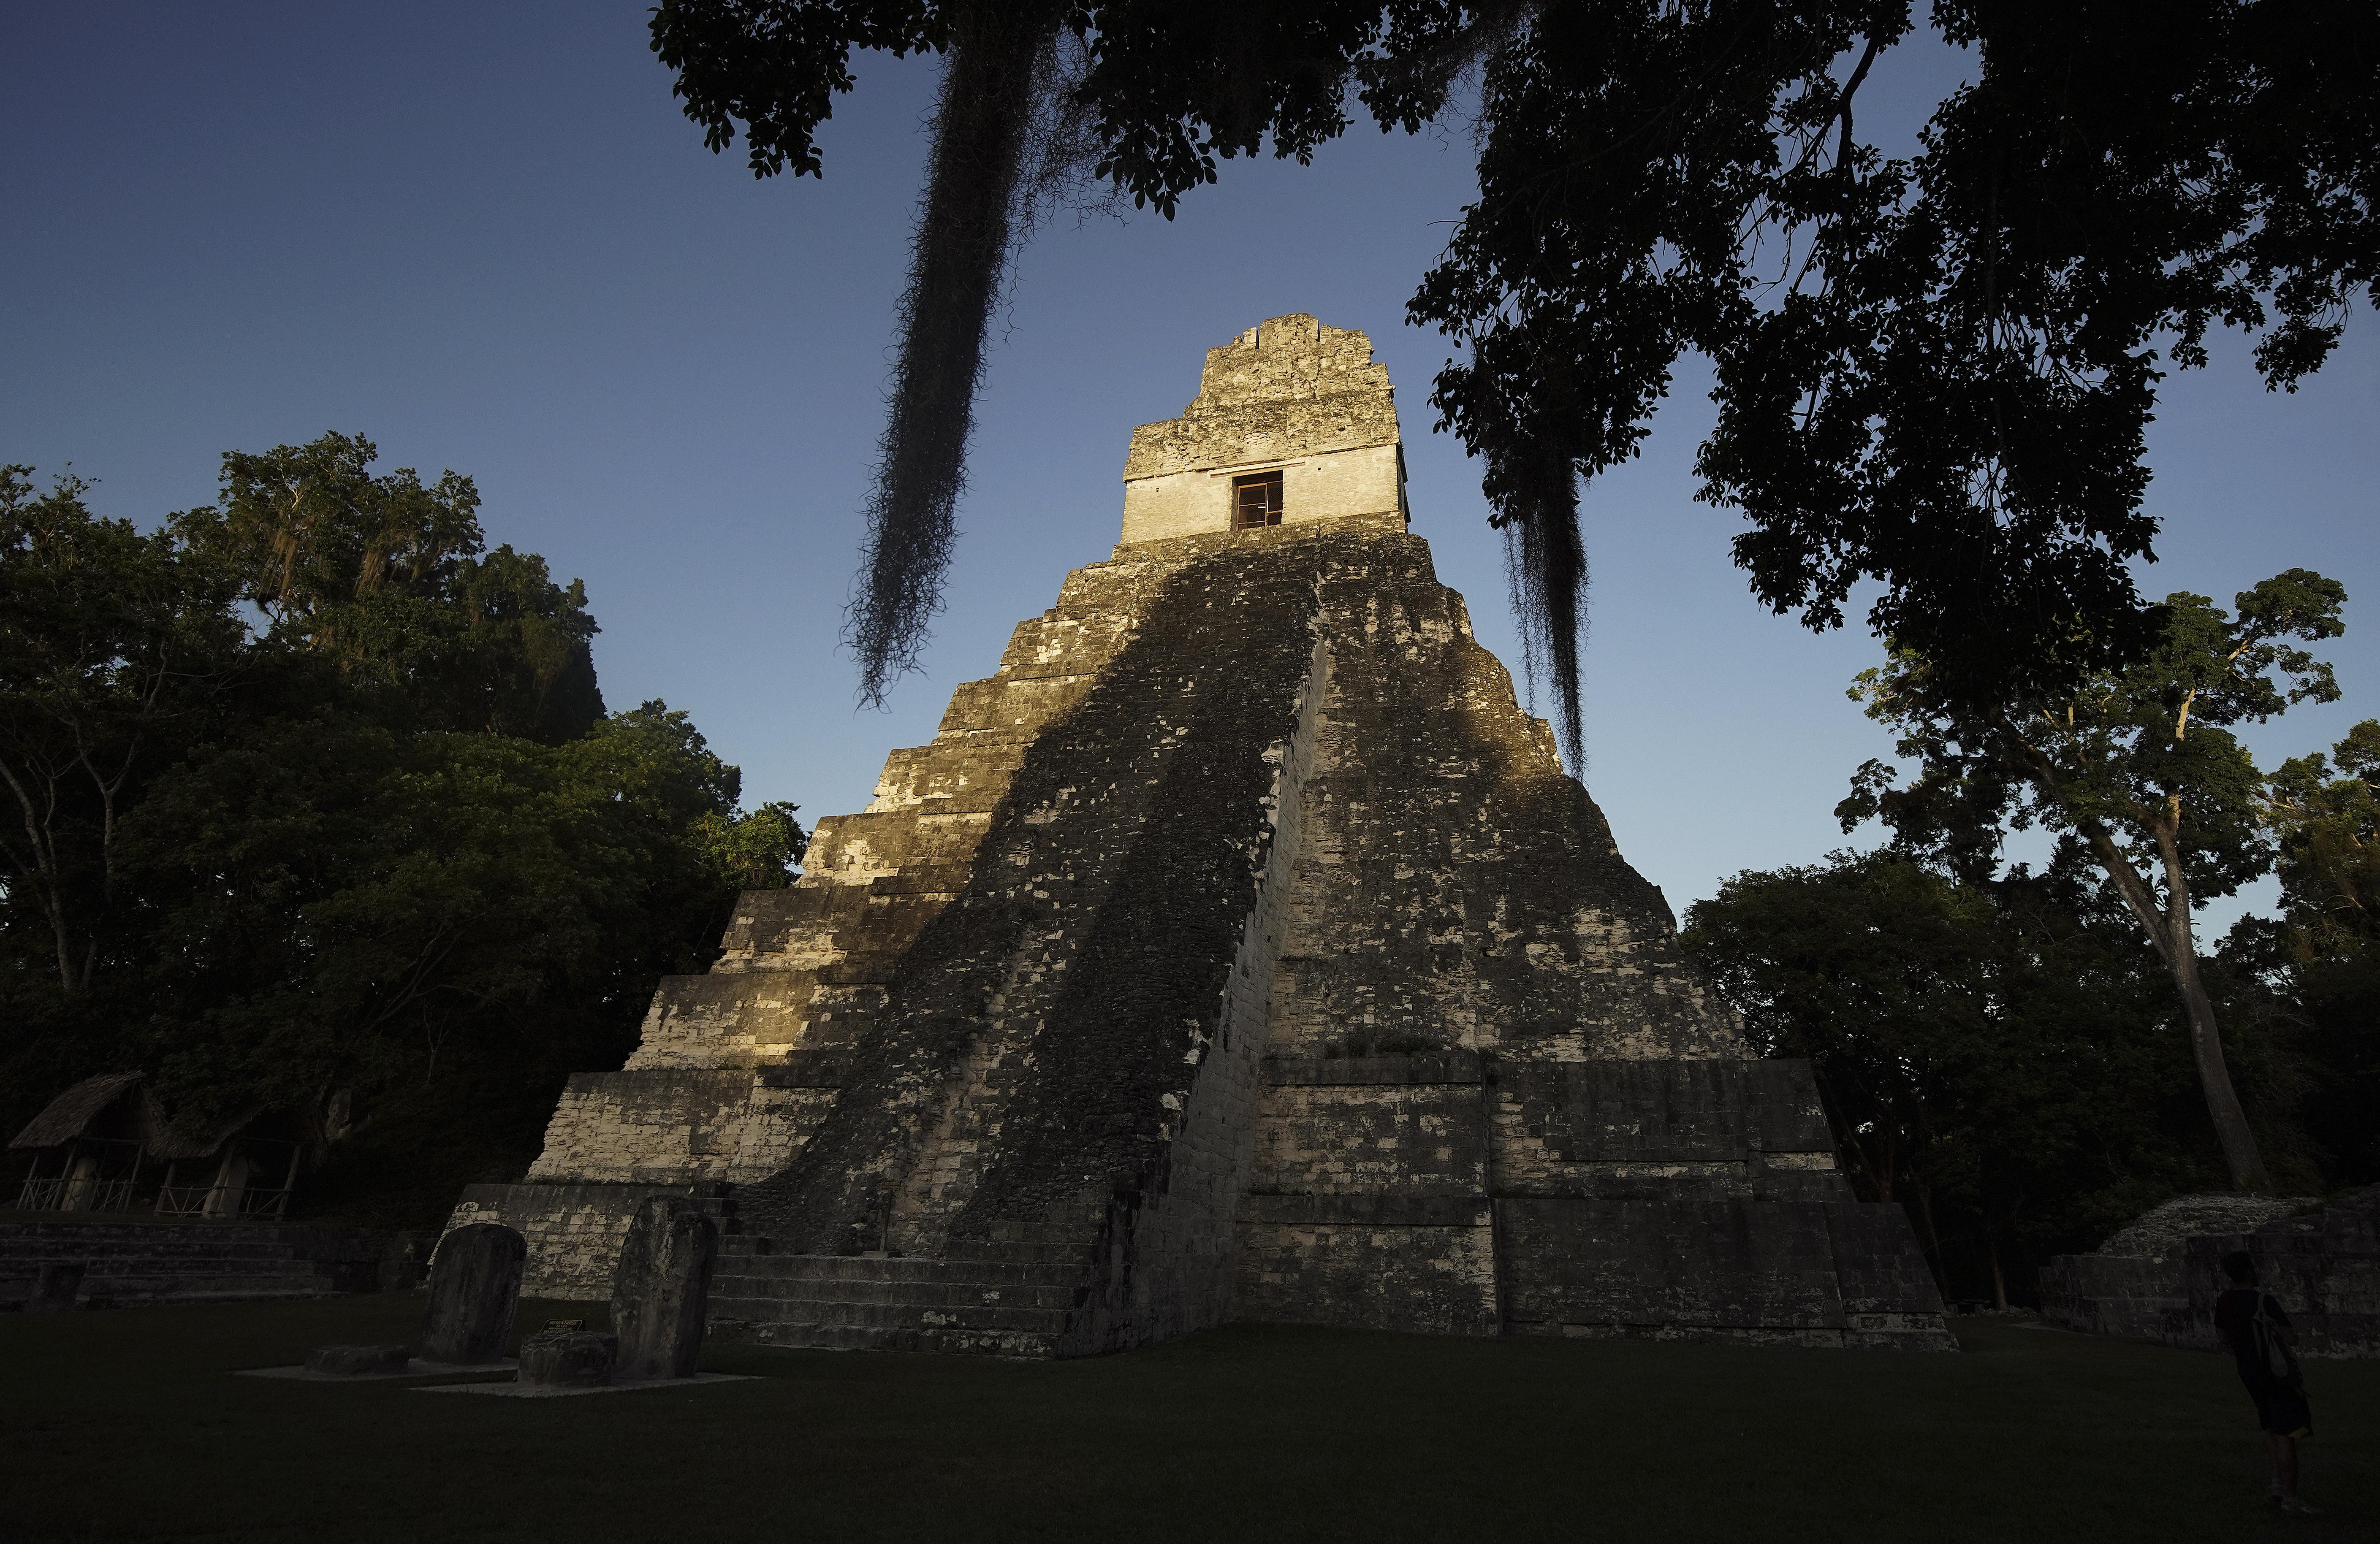 El sol se pone en el templo maya en Tikal, Guatemala, el jueves 22 de agosto de 2019. El presidente Russell M. Nelson, de La Iglesia de Jesucristo de los Santos de los Últimos Días, habló en un devocional en la Ciudad de Guatemala el sábado 24 de agosto.